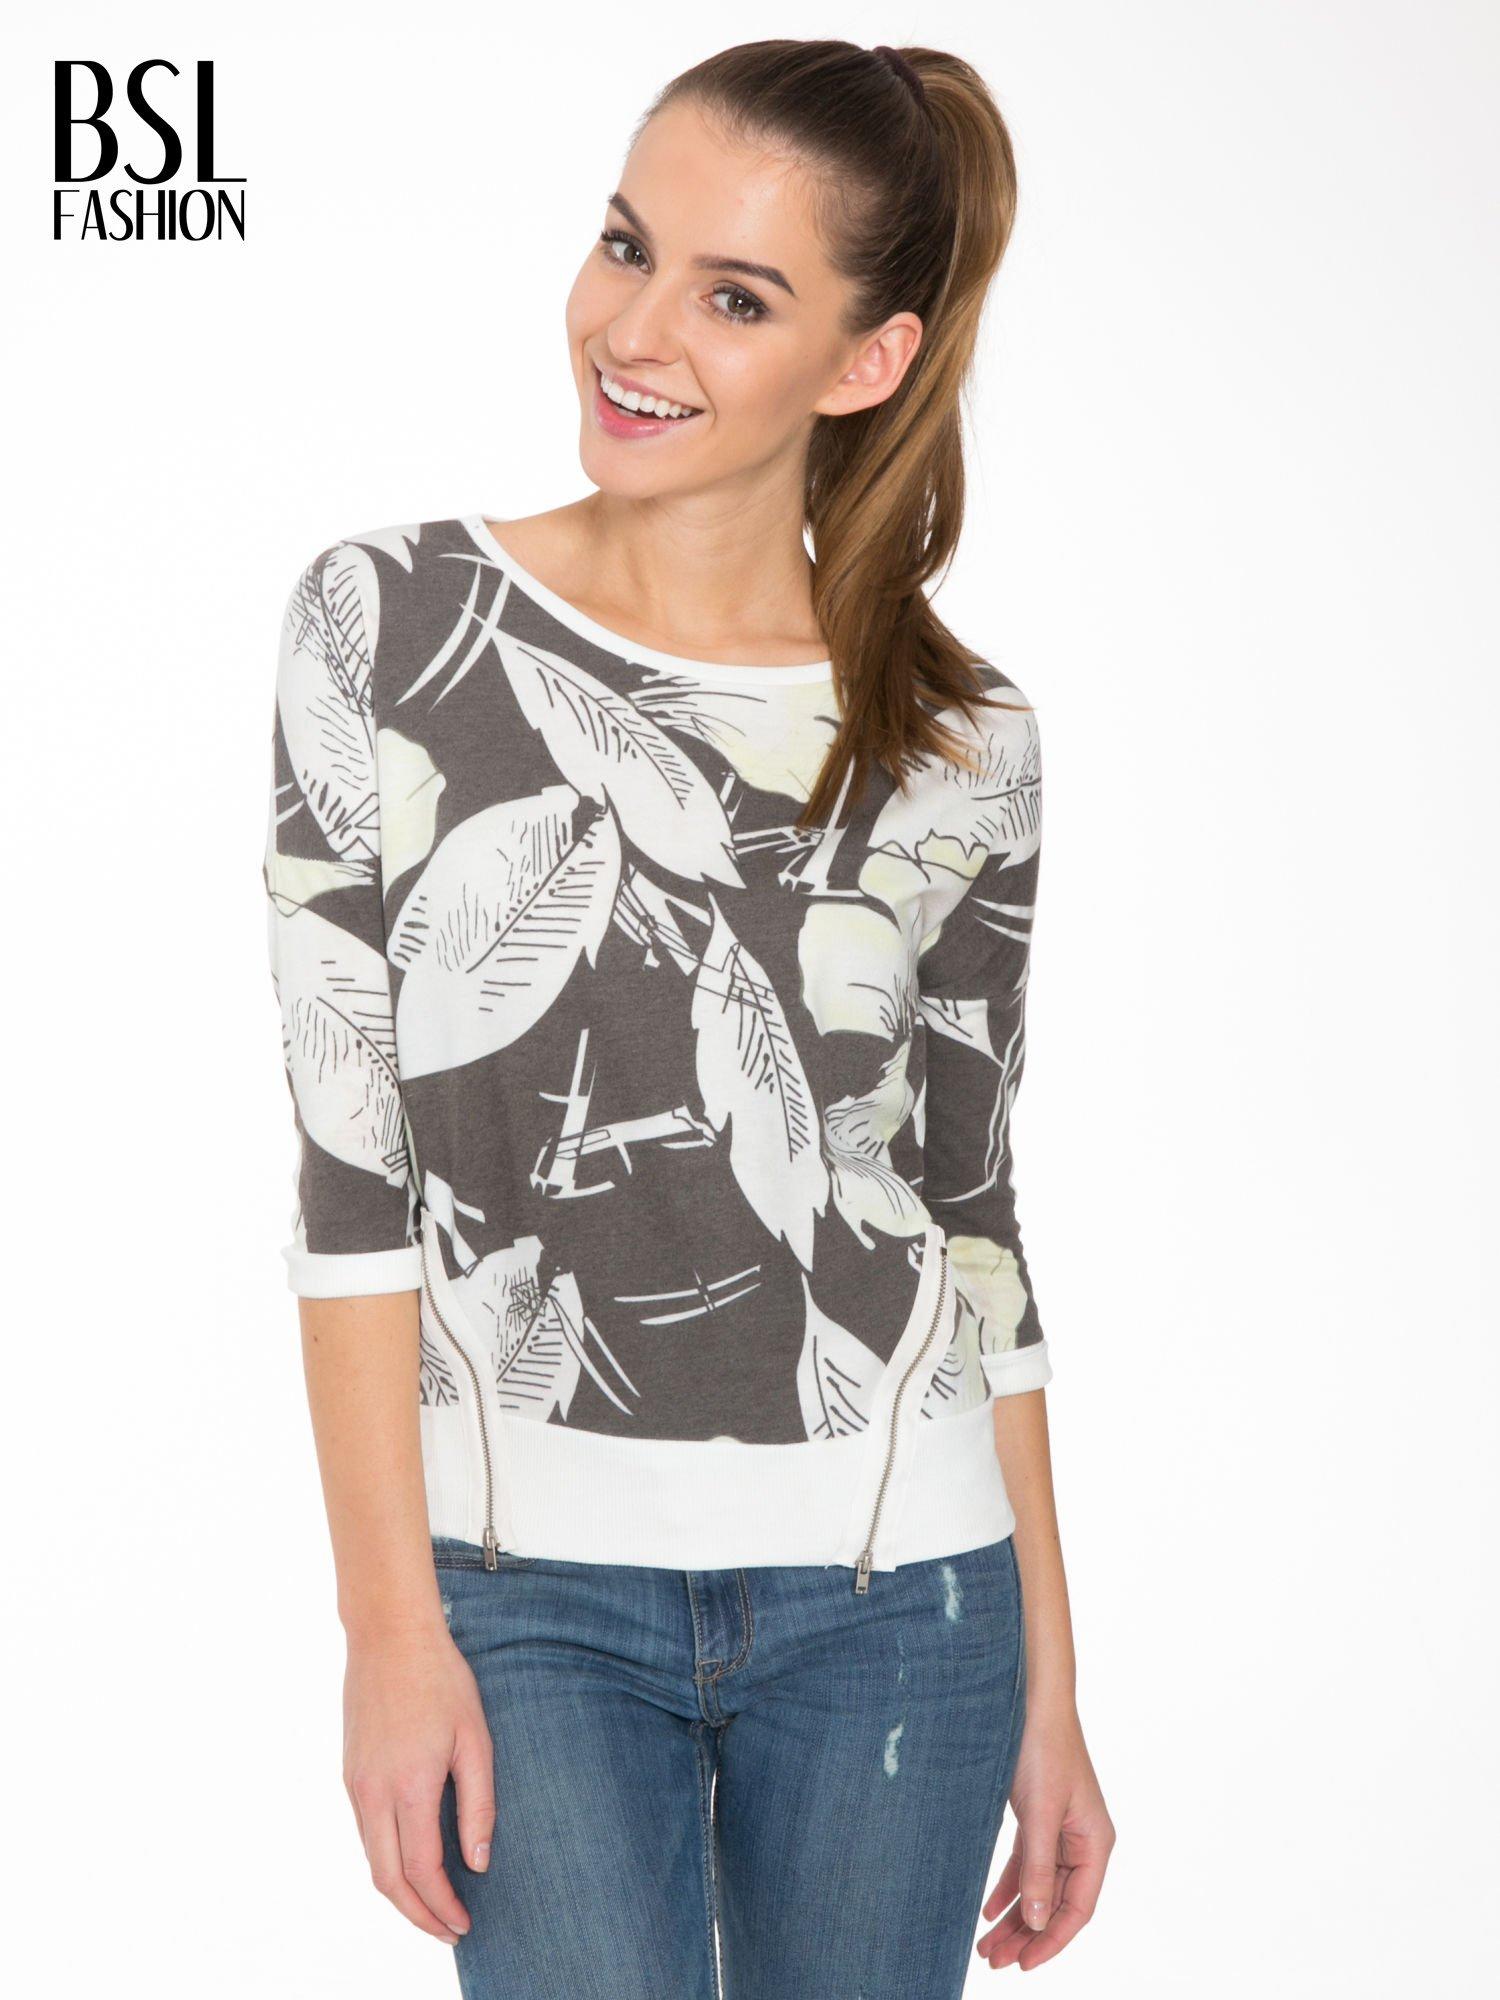 Ecru-czarna bluza z nadrukiem floral print i suwakami                                  zdj.                                  1